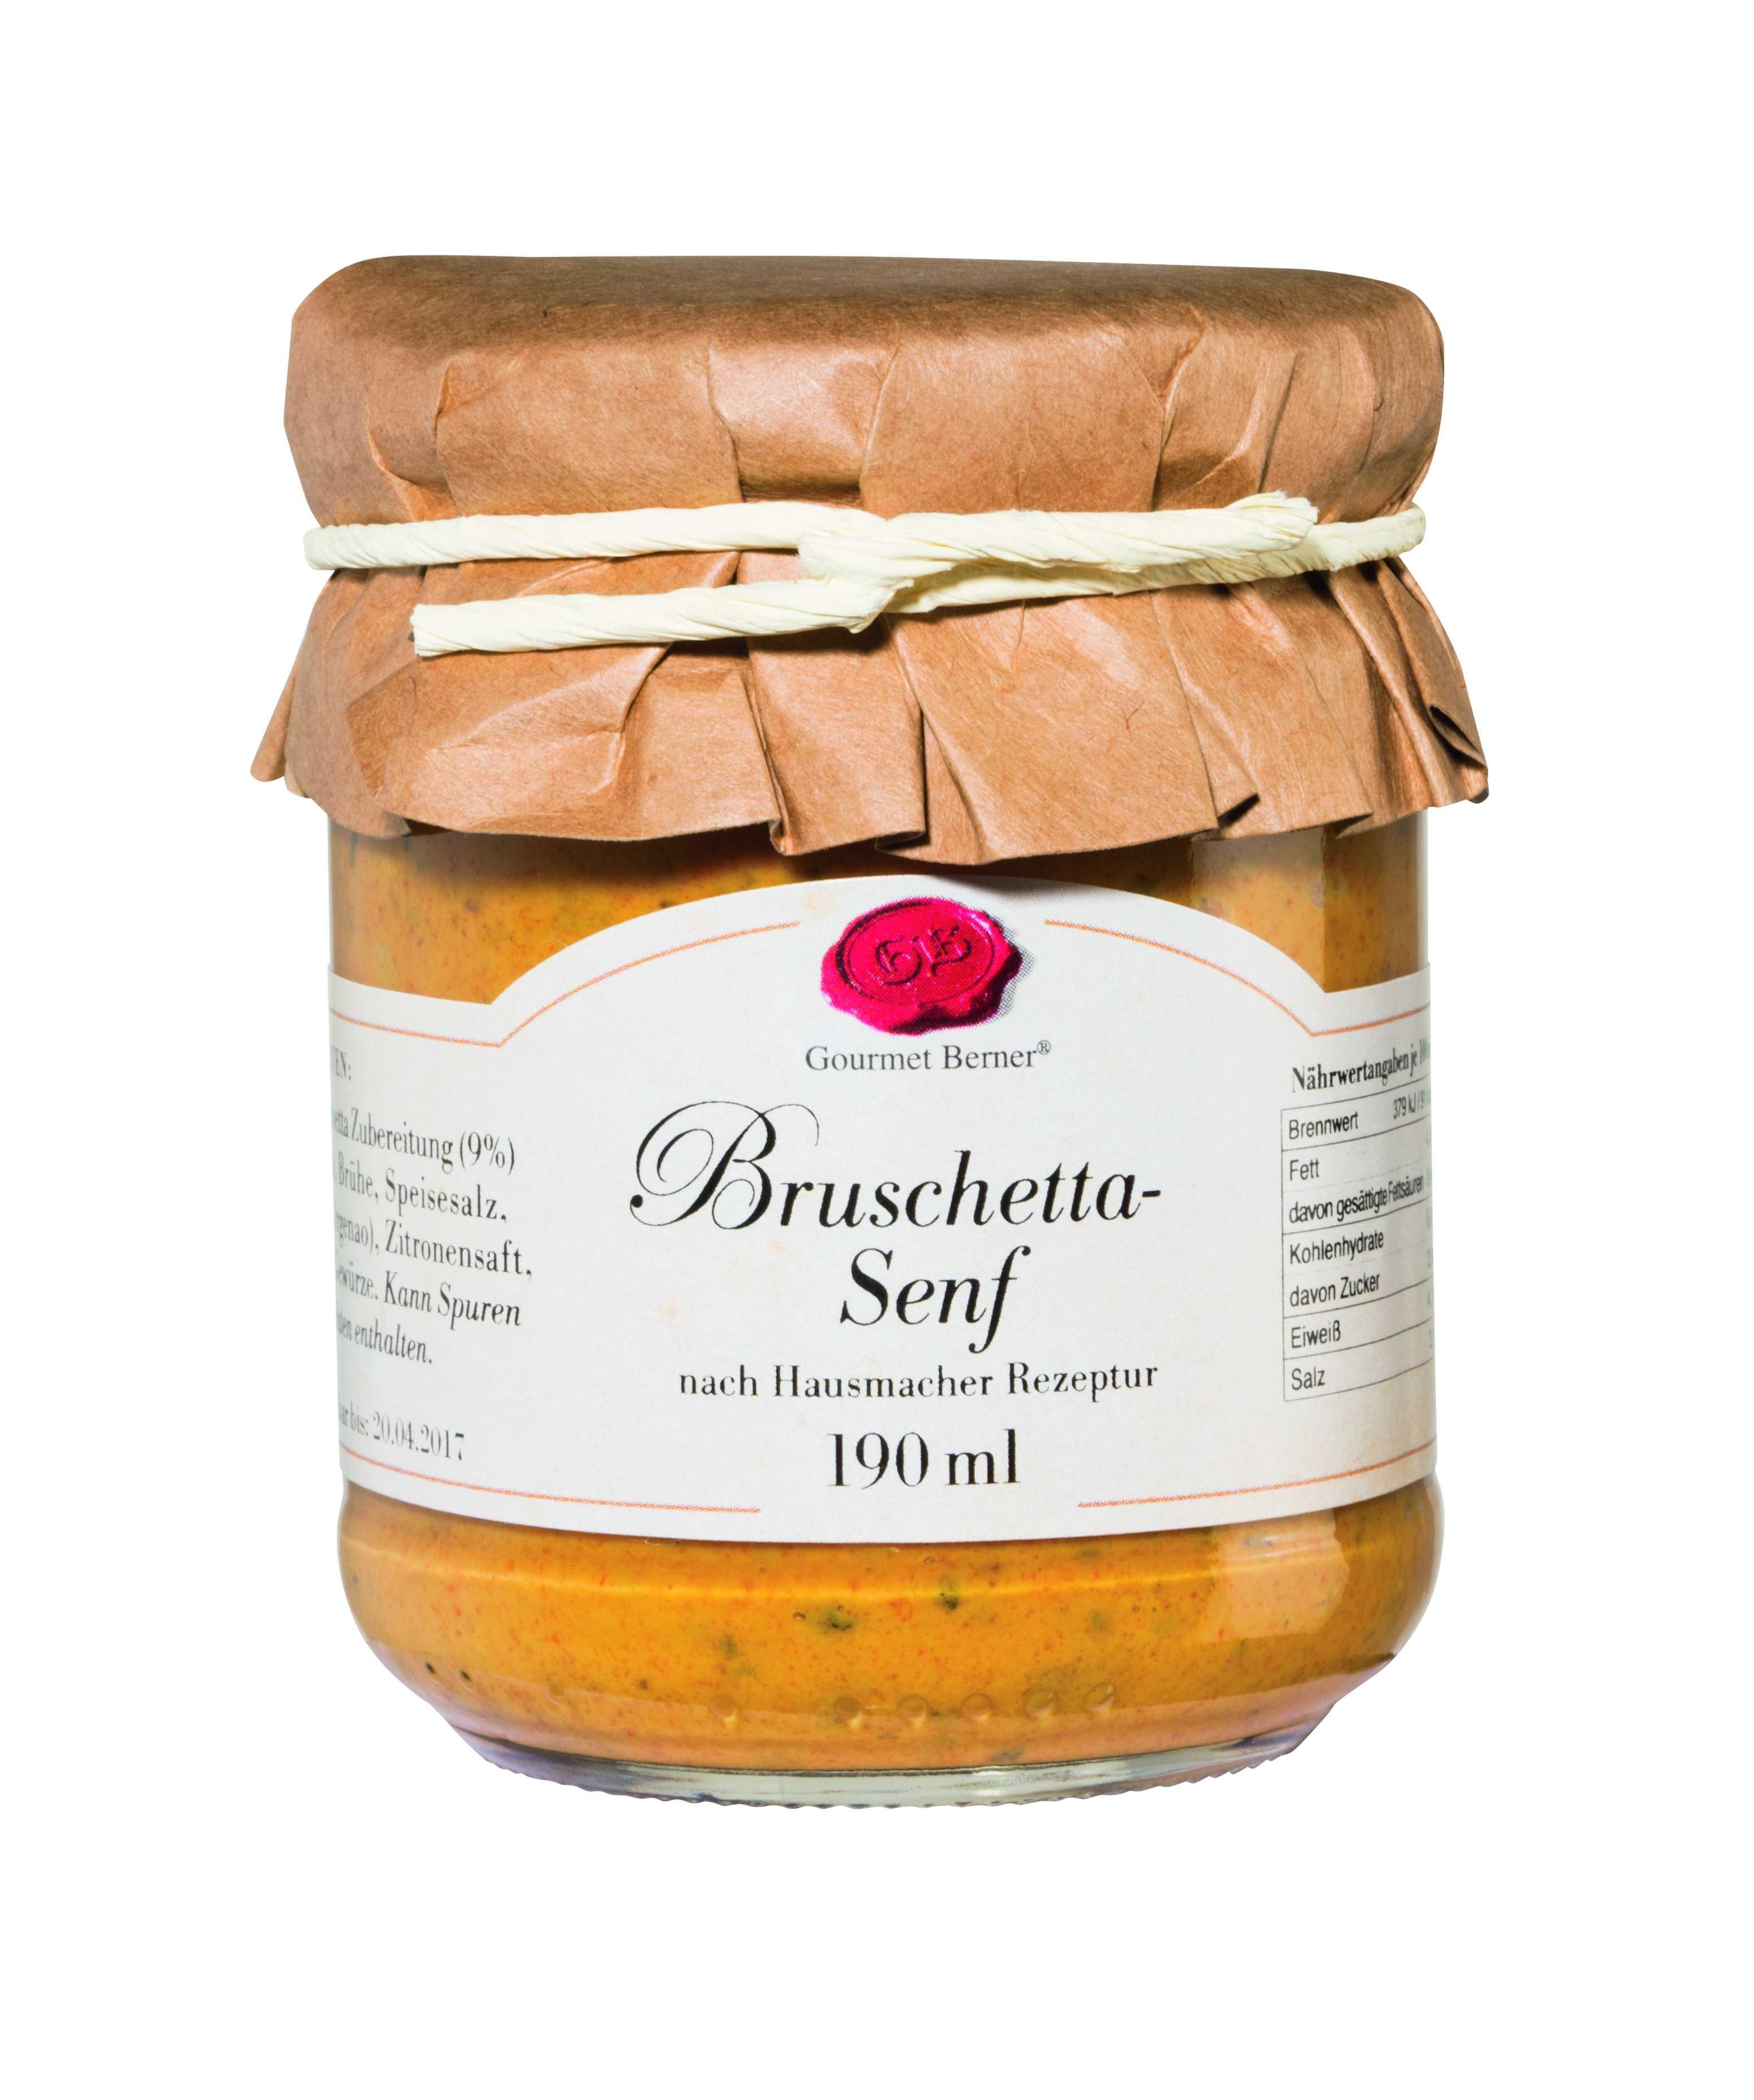 Bruschetta Senf im 190ml Glas